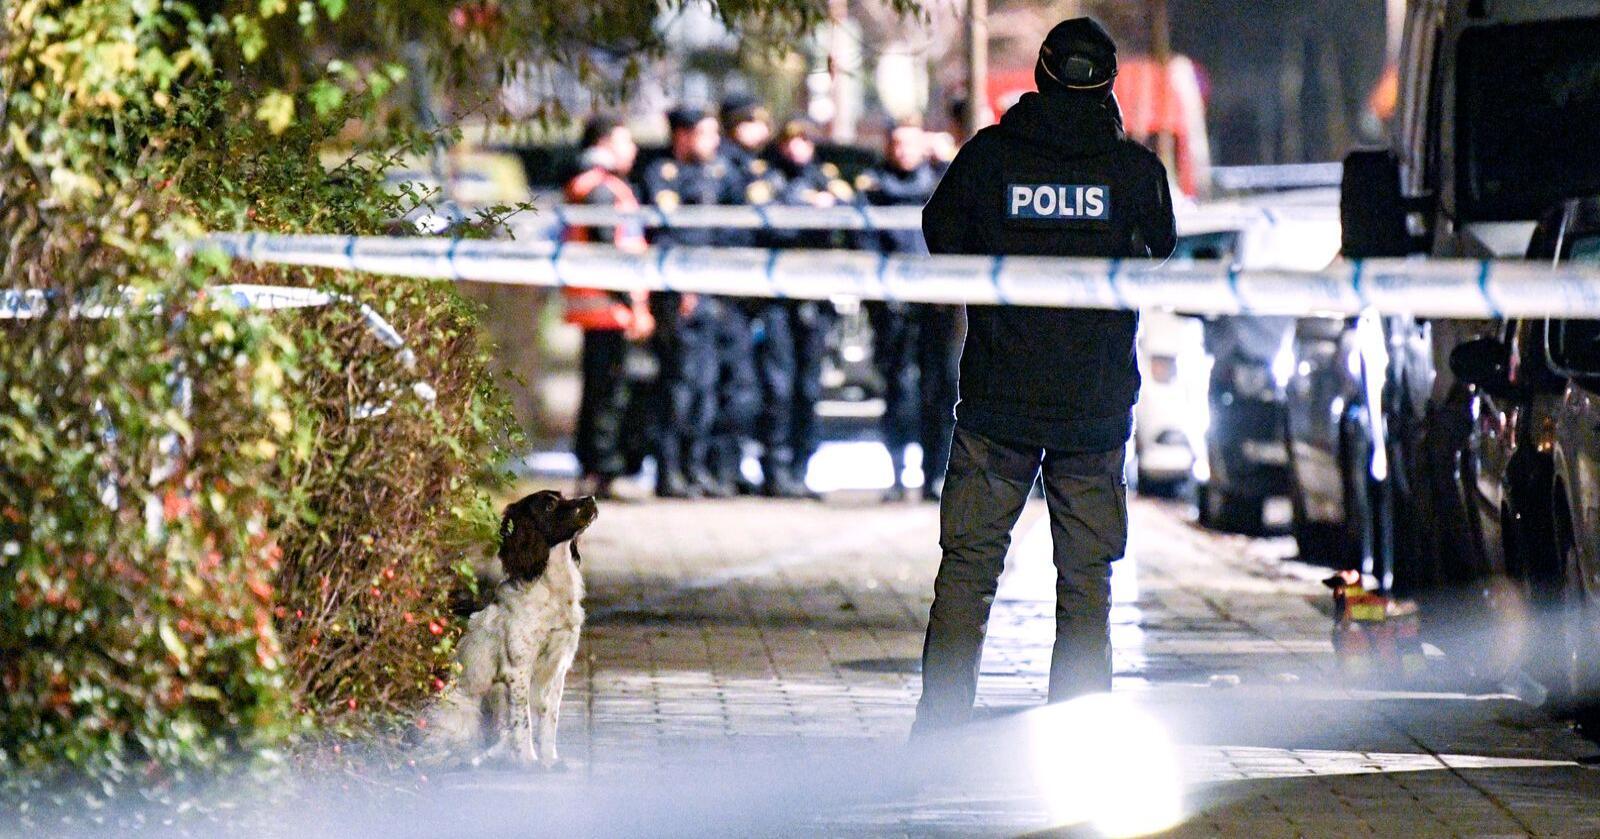 Ein ny rapport peiker på politireforma som ein av grunnane til auken i gjengkriminalitet i nabolandet.Foto: Johan Nilsson/TT / NTB scanpix